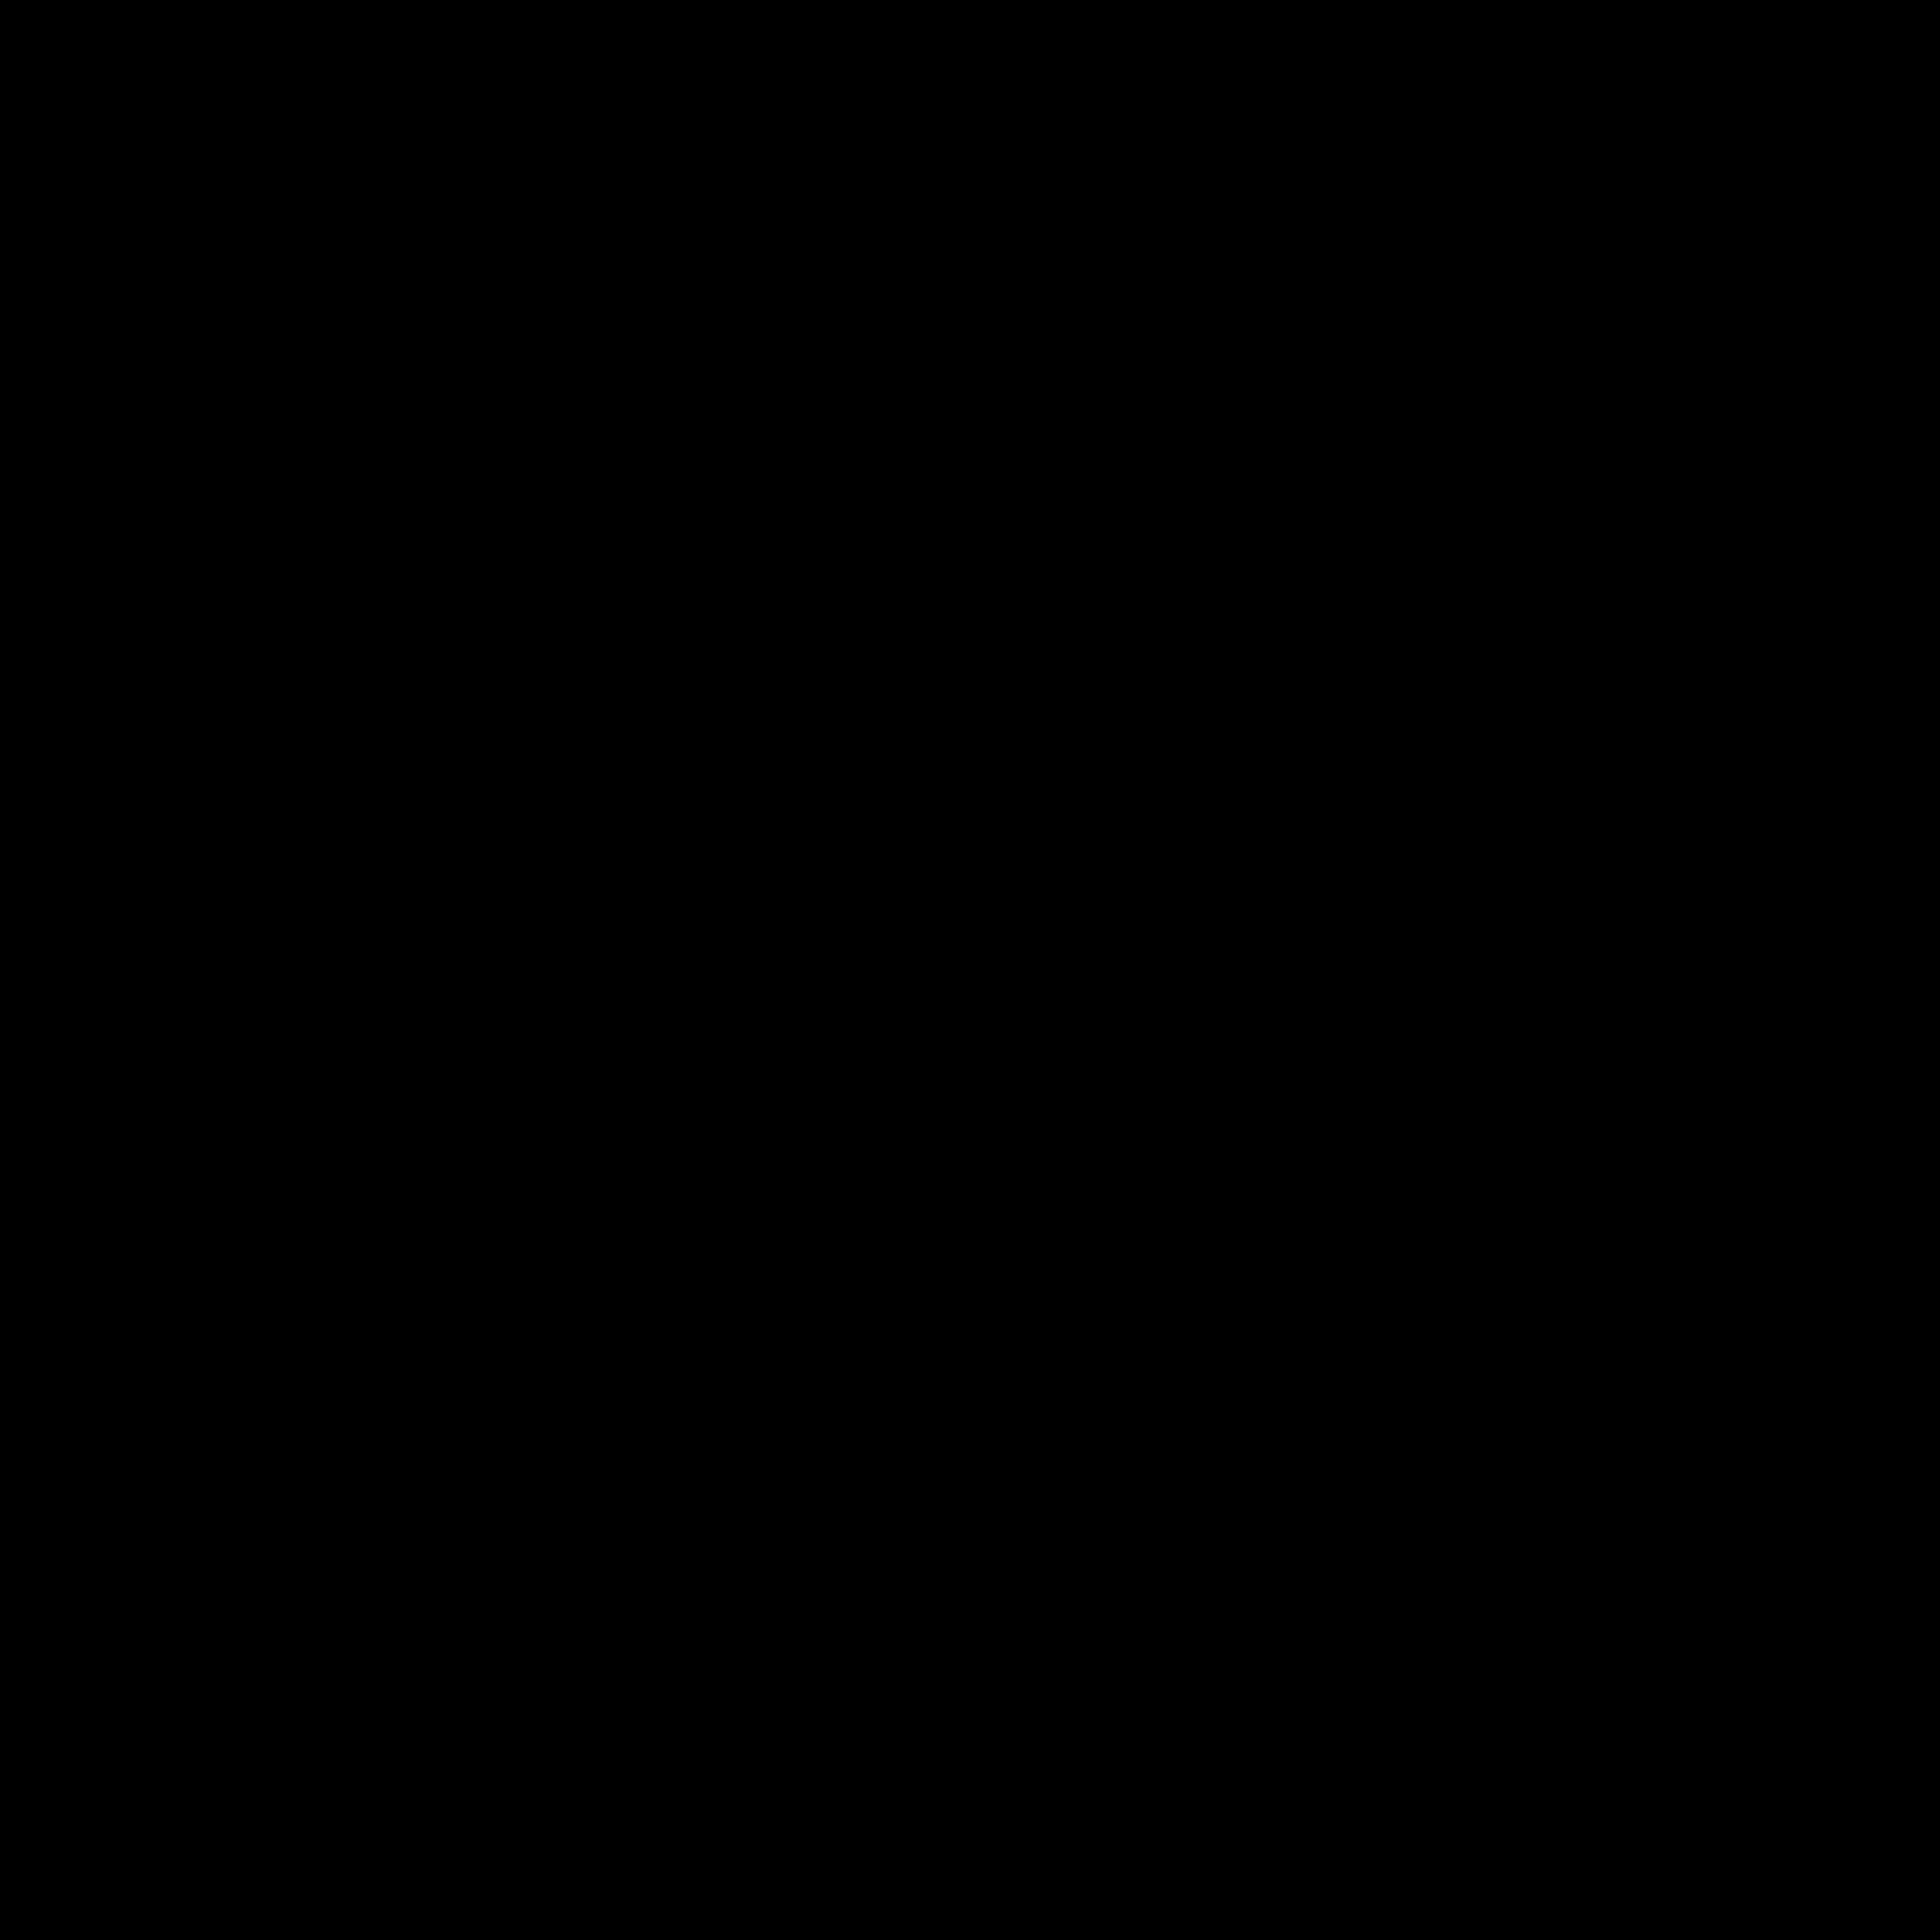 Loader PNG - 45186